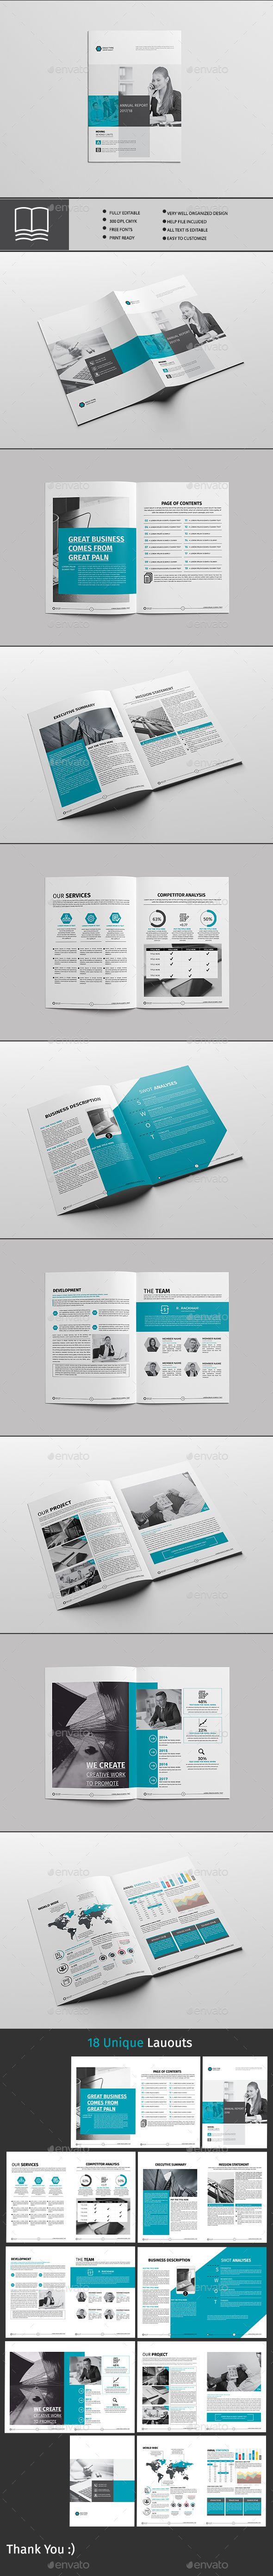 Annual Report 18 Page | Portafolio, Catálogo y Ofertas